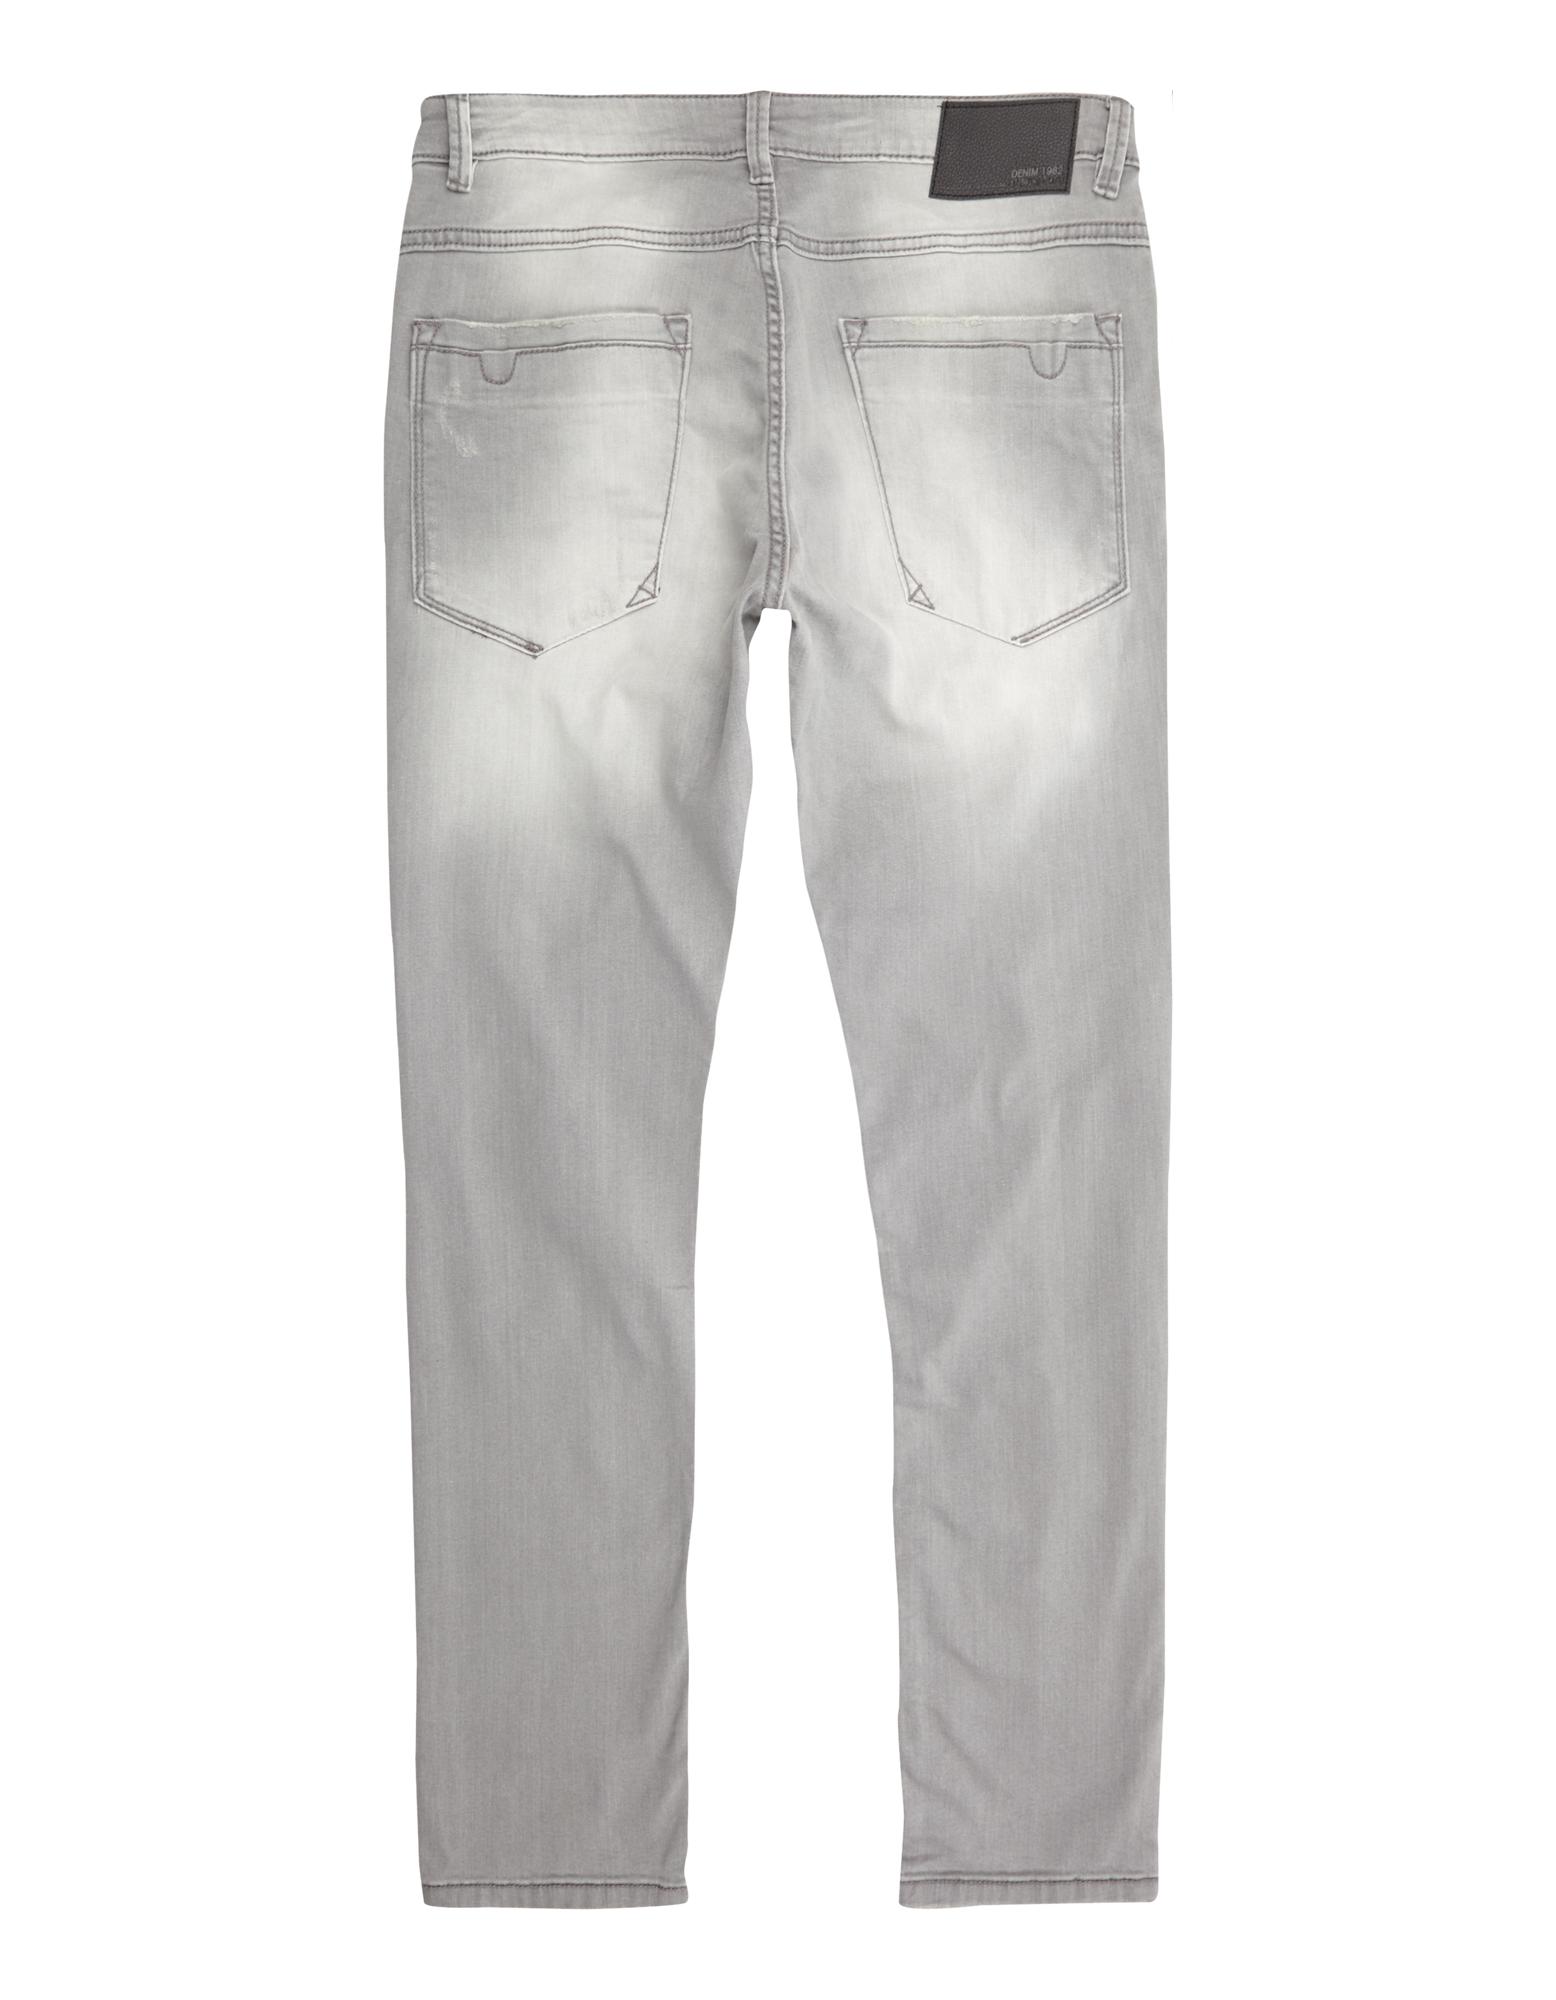 herren skinny fit jeans im destroyed look takko fashion. Black Bedroom Furniture Sets. Home Design Ideas